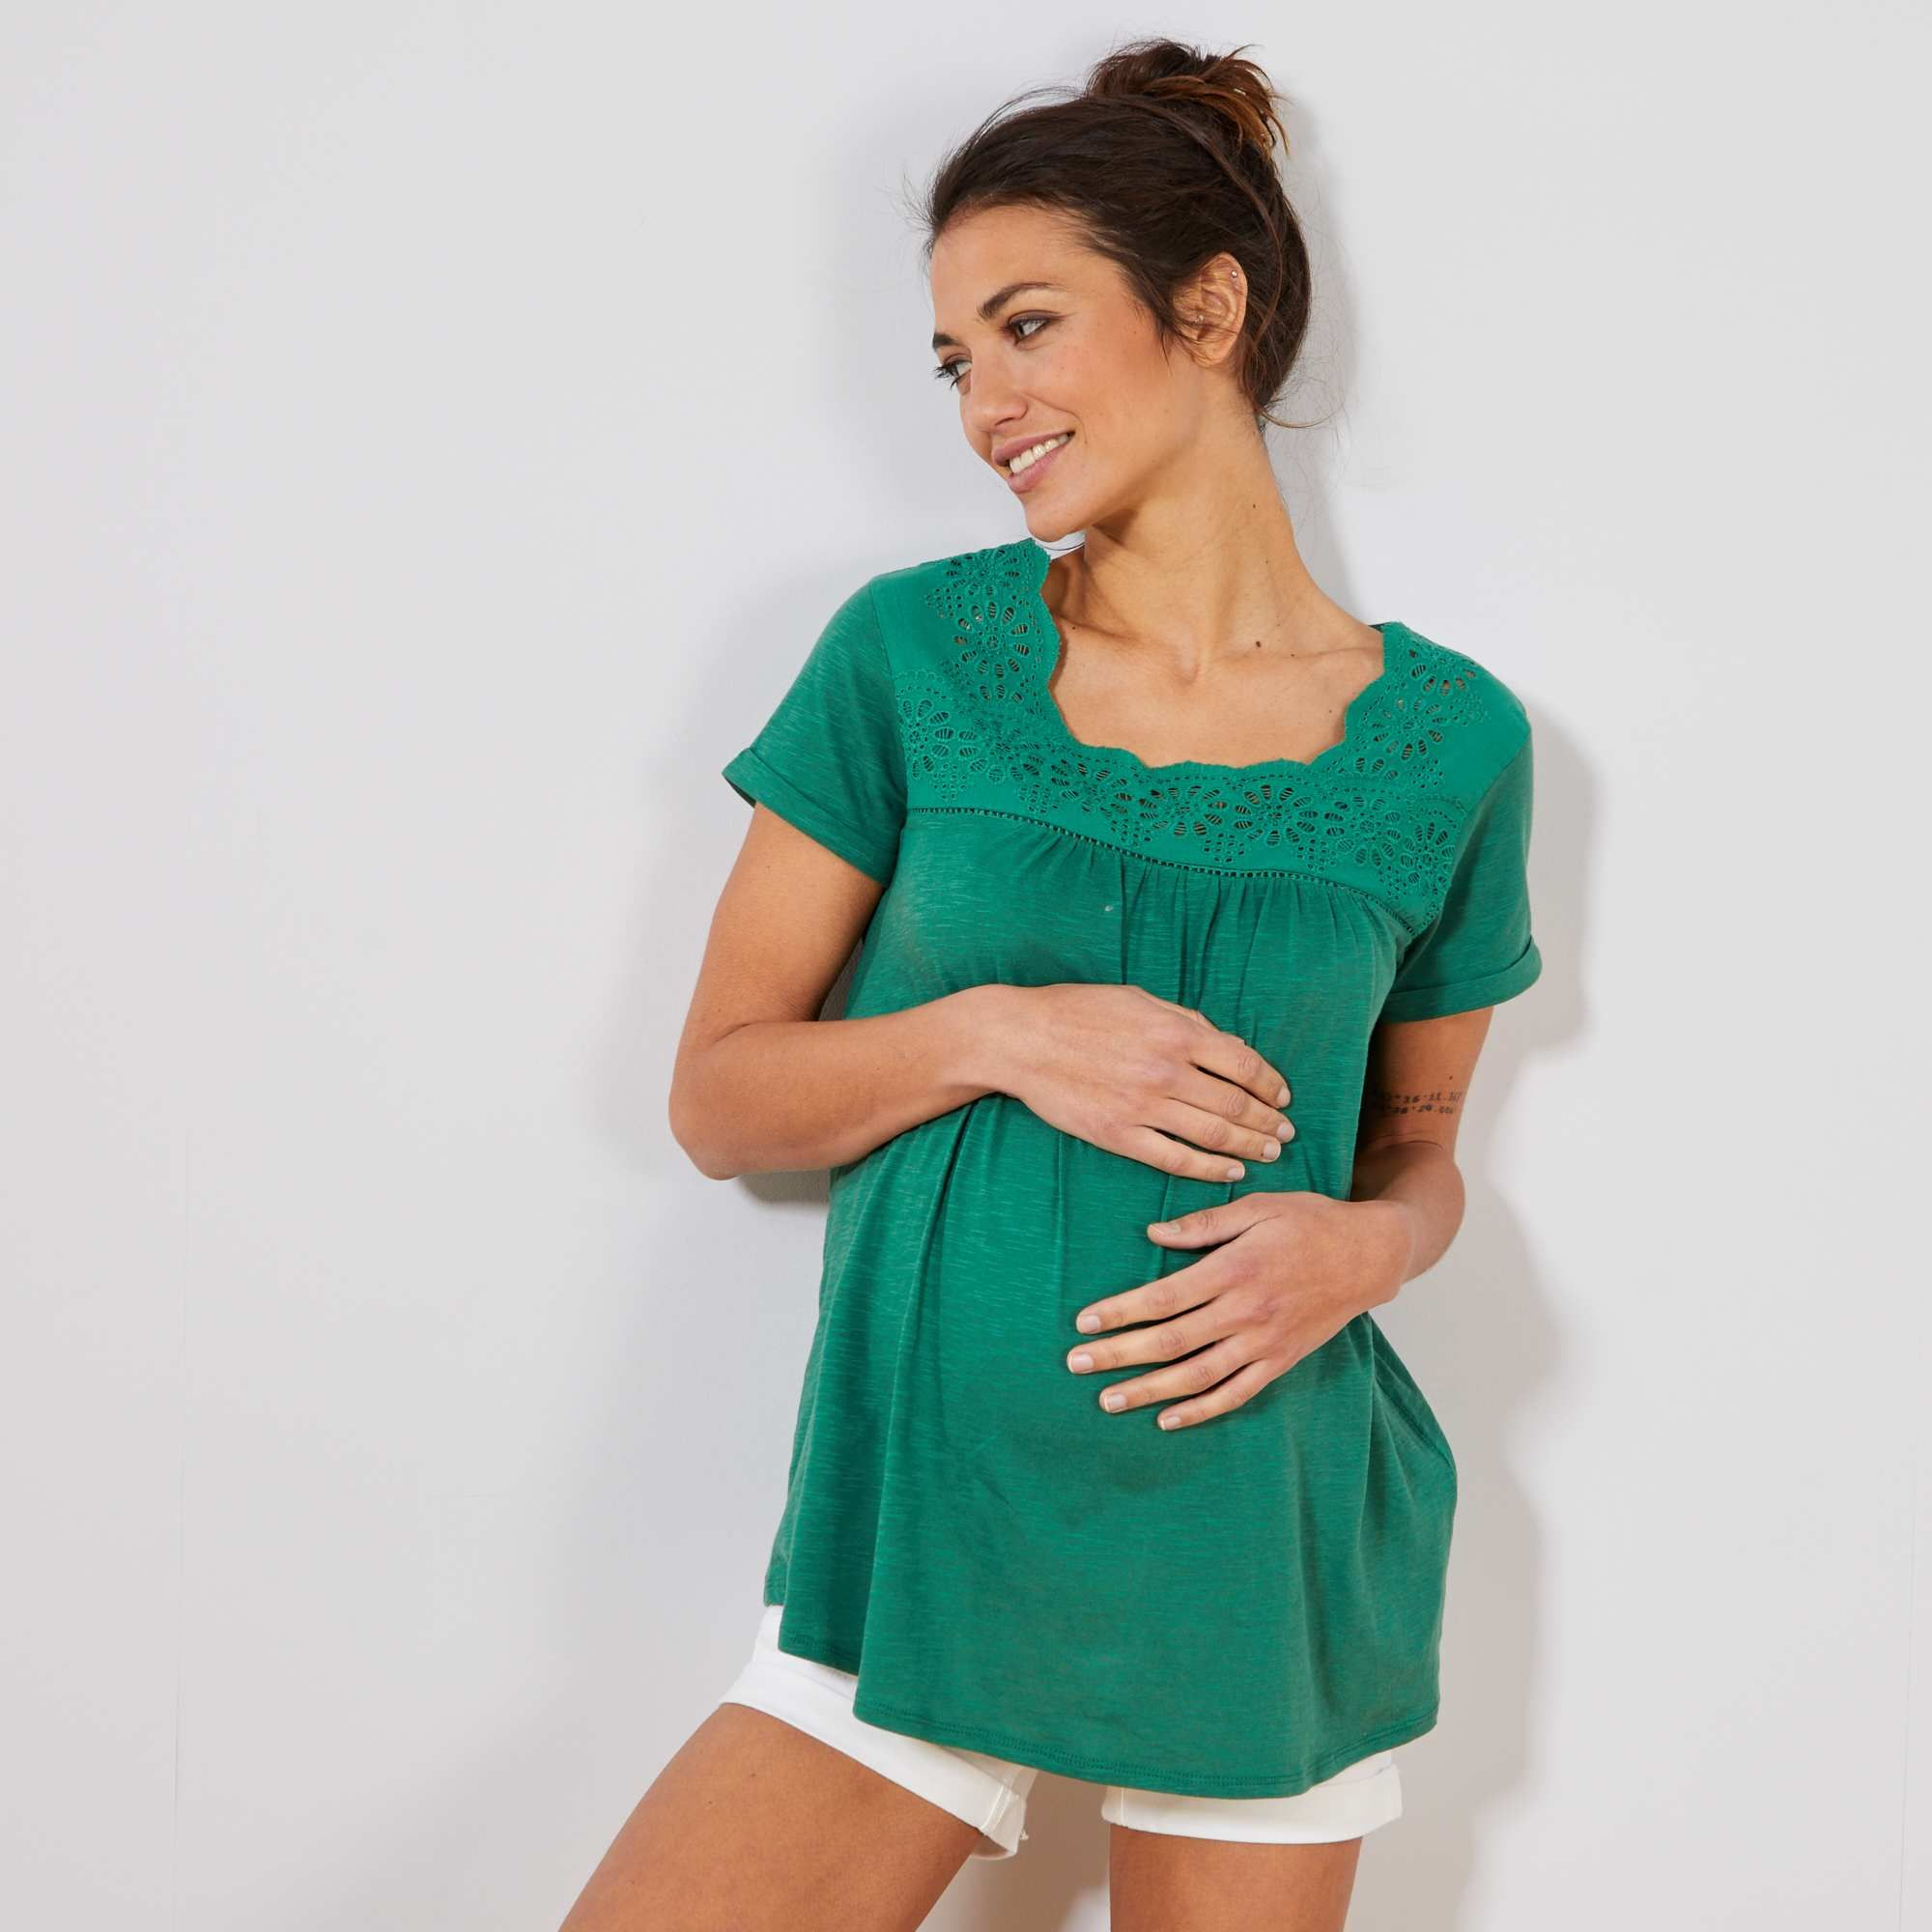 e81c461873fd9 Maglietta premaman ricamo inglese Donna - verde pino - Kiabi - 10